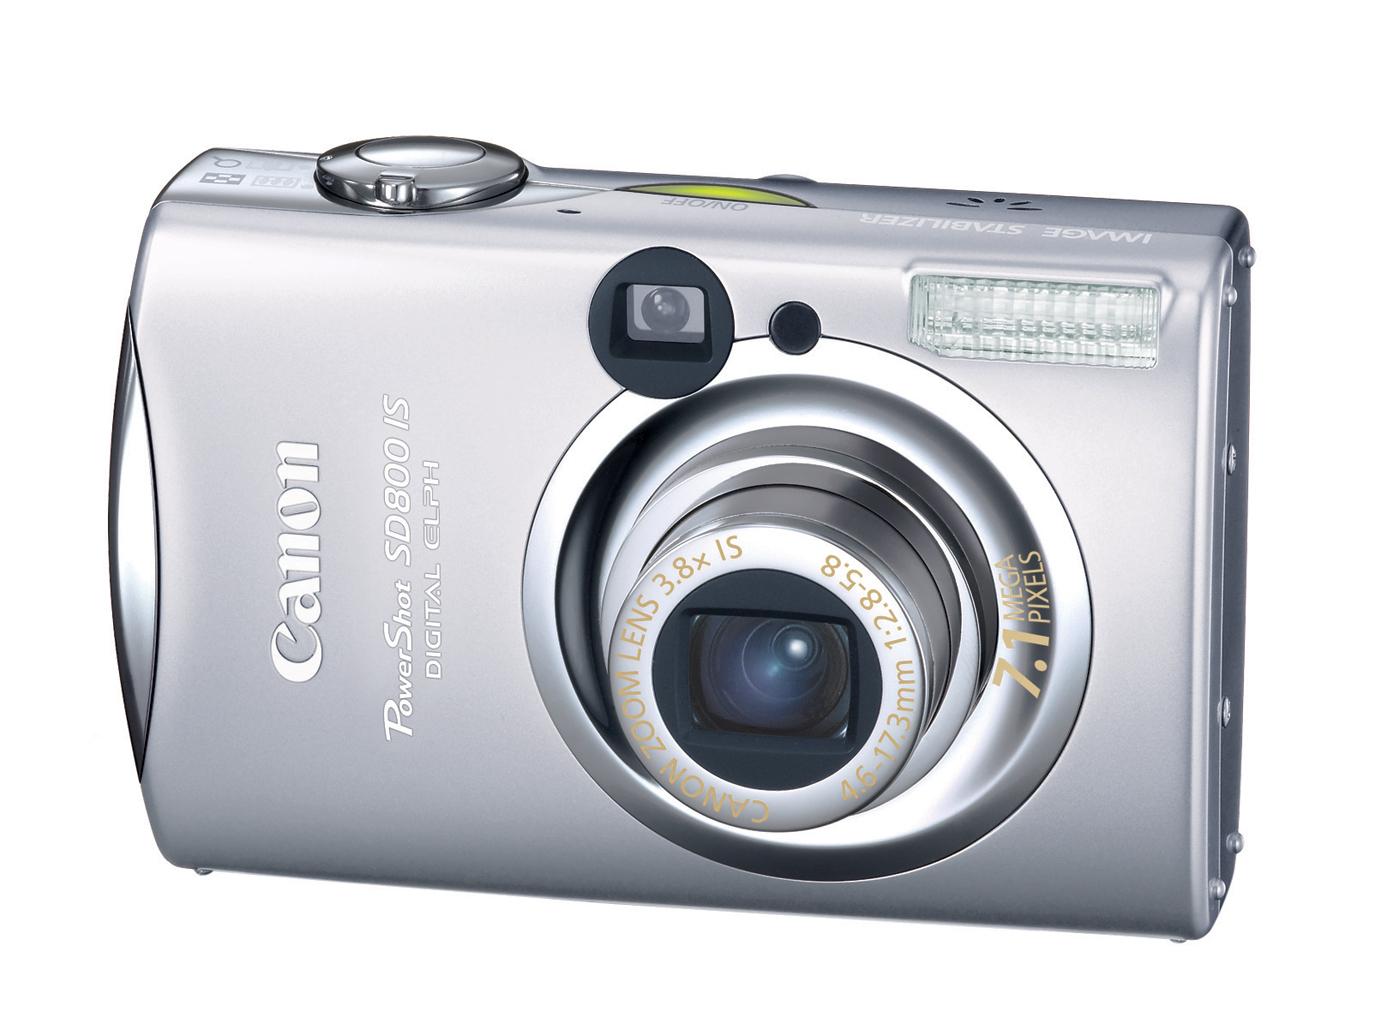 Camaras fotograficas canon en costa rica 36